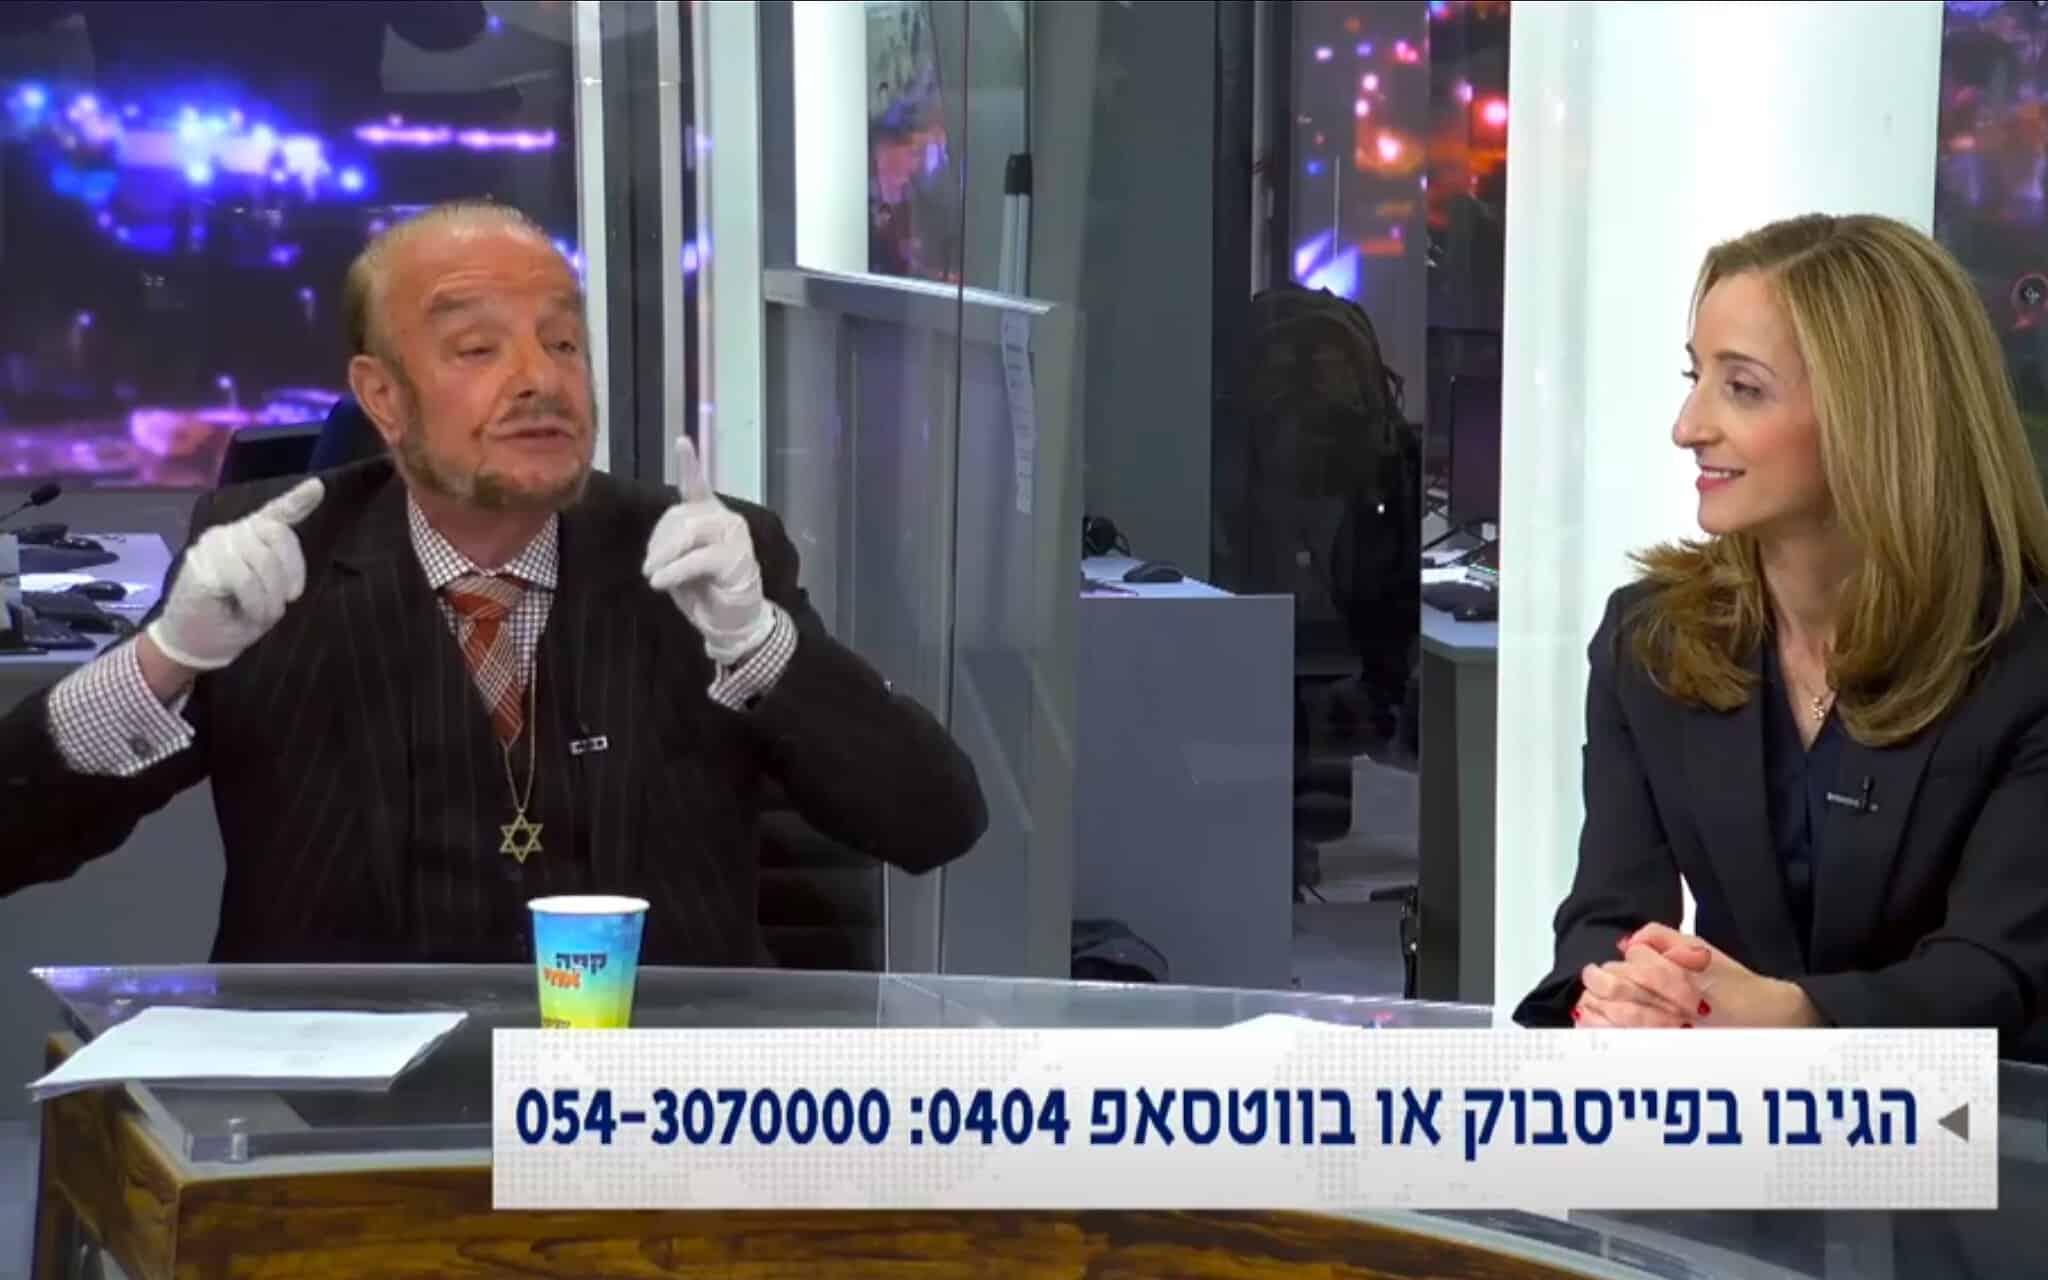 לימור סמימיאן-דרש ויורם שפטל באולפן הפתוח בערוץ 20 (צילום: צילום מסך, ערוץ 20)